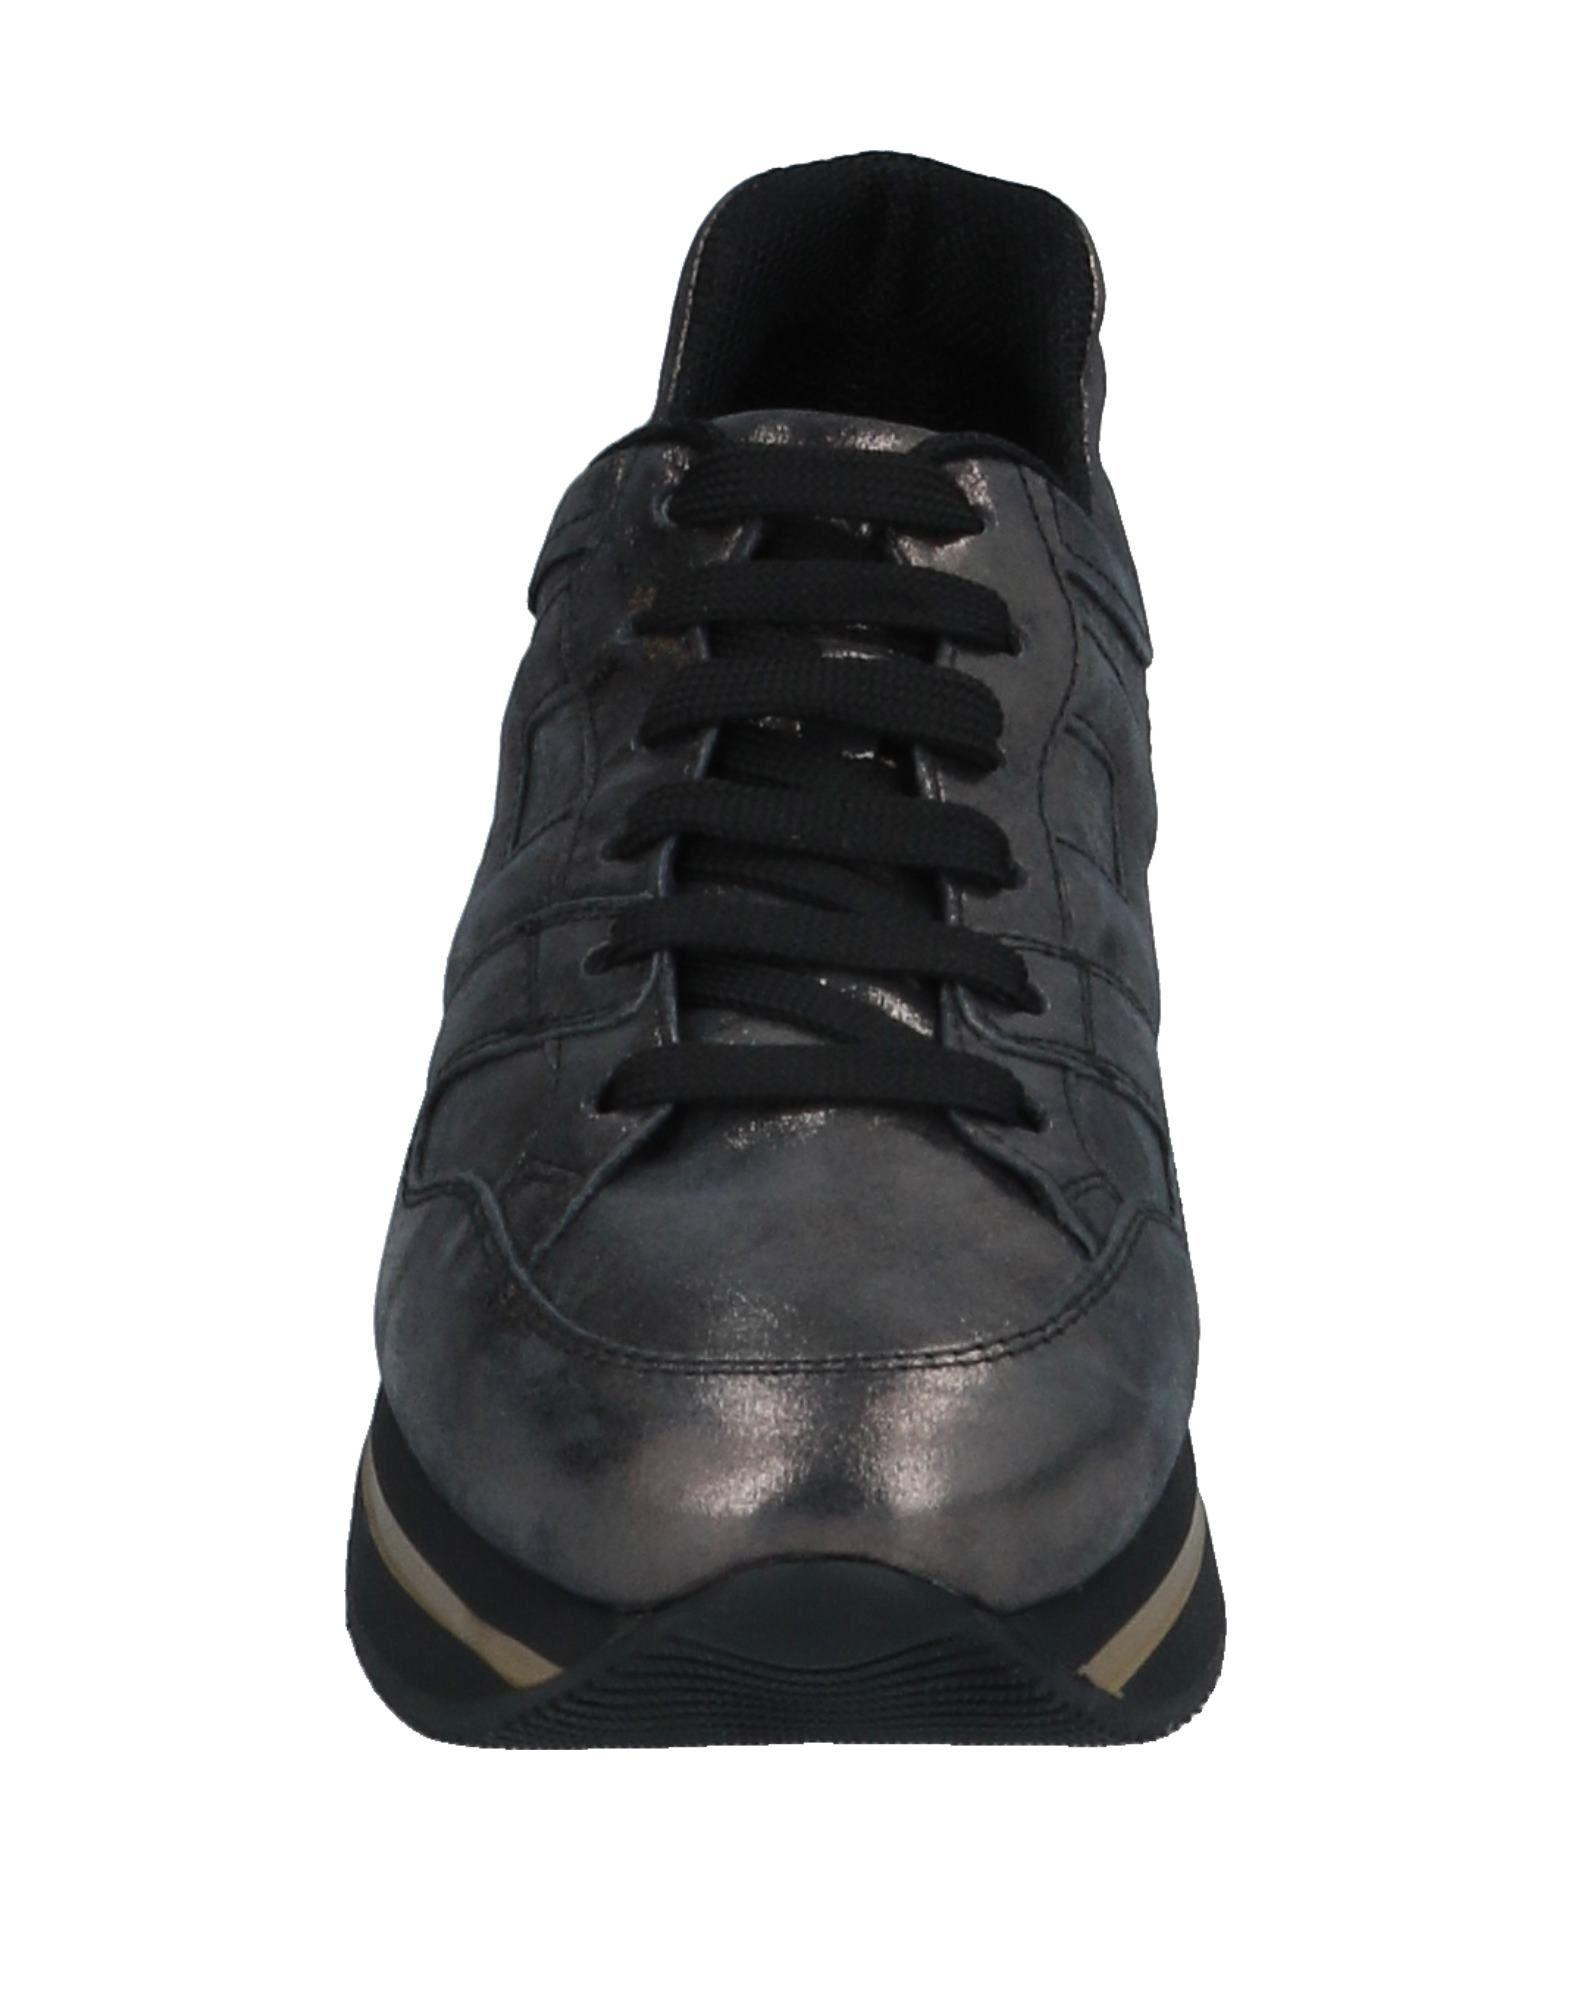 11365712NR Hogan Sneakers Damen  11365712NR  Heiße Schuhe 20b1d9